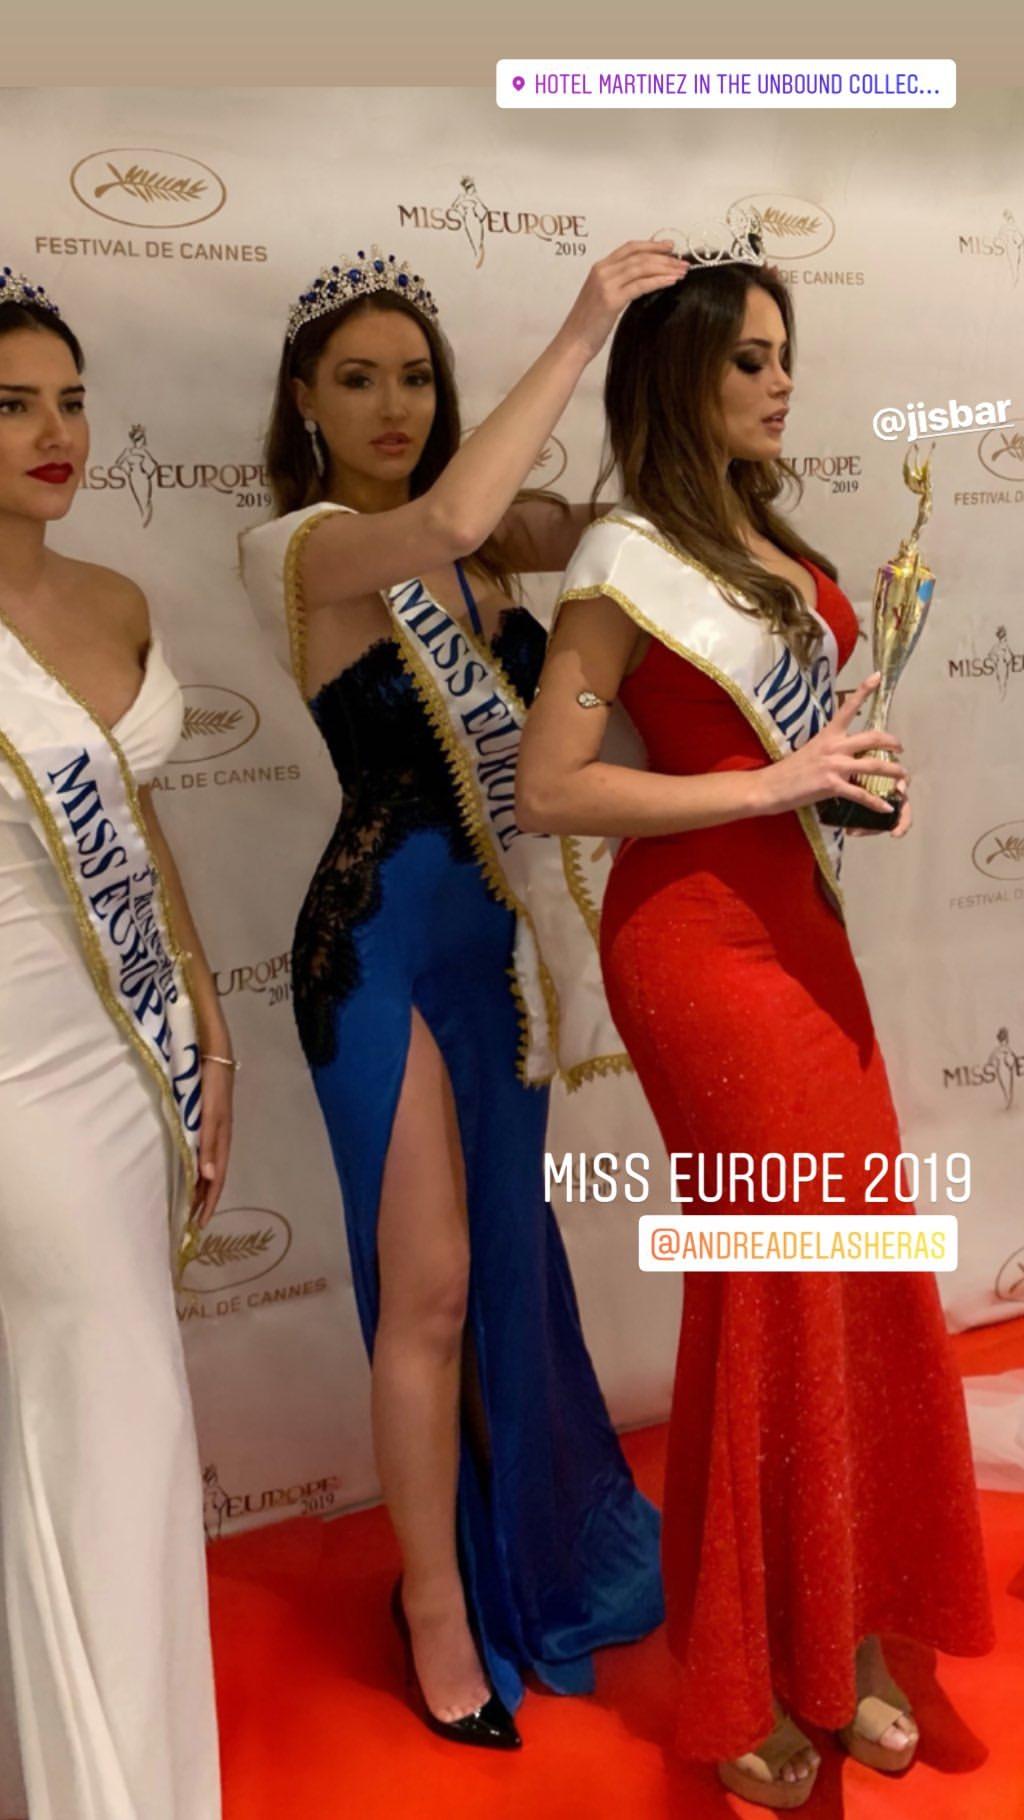 andrea de las heras, miss europe 2019. 59726610